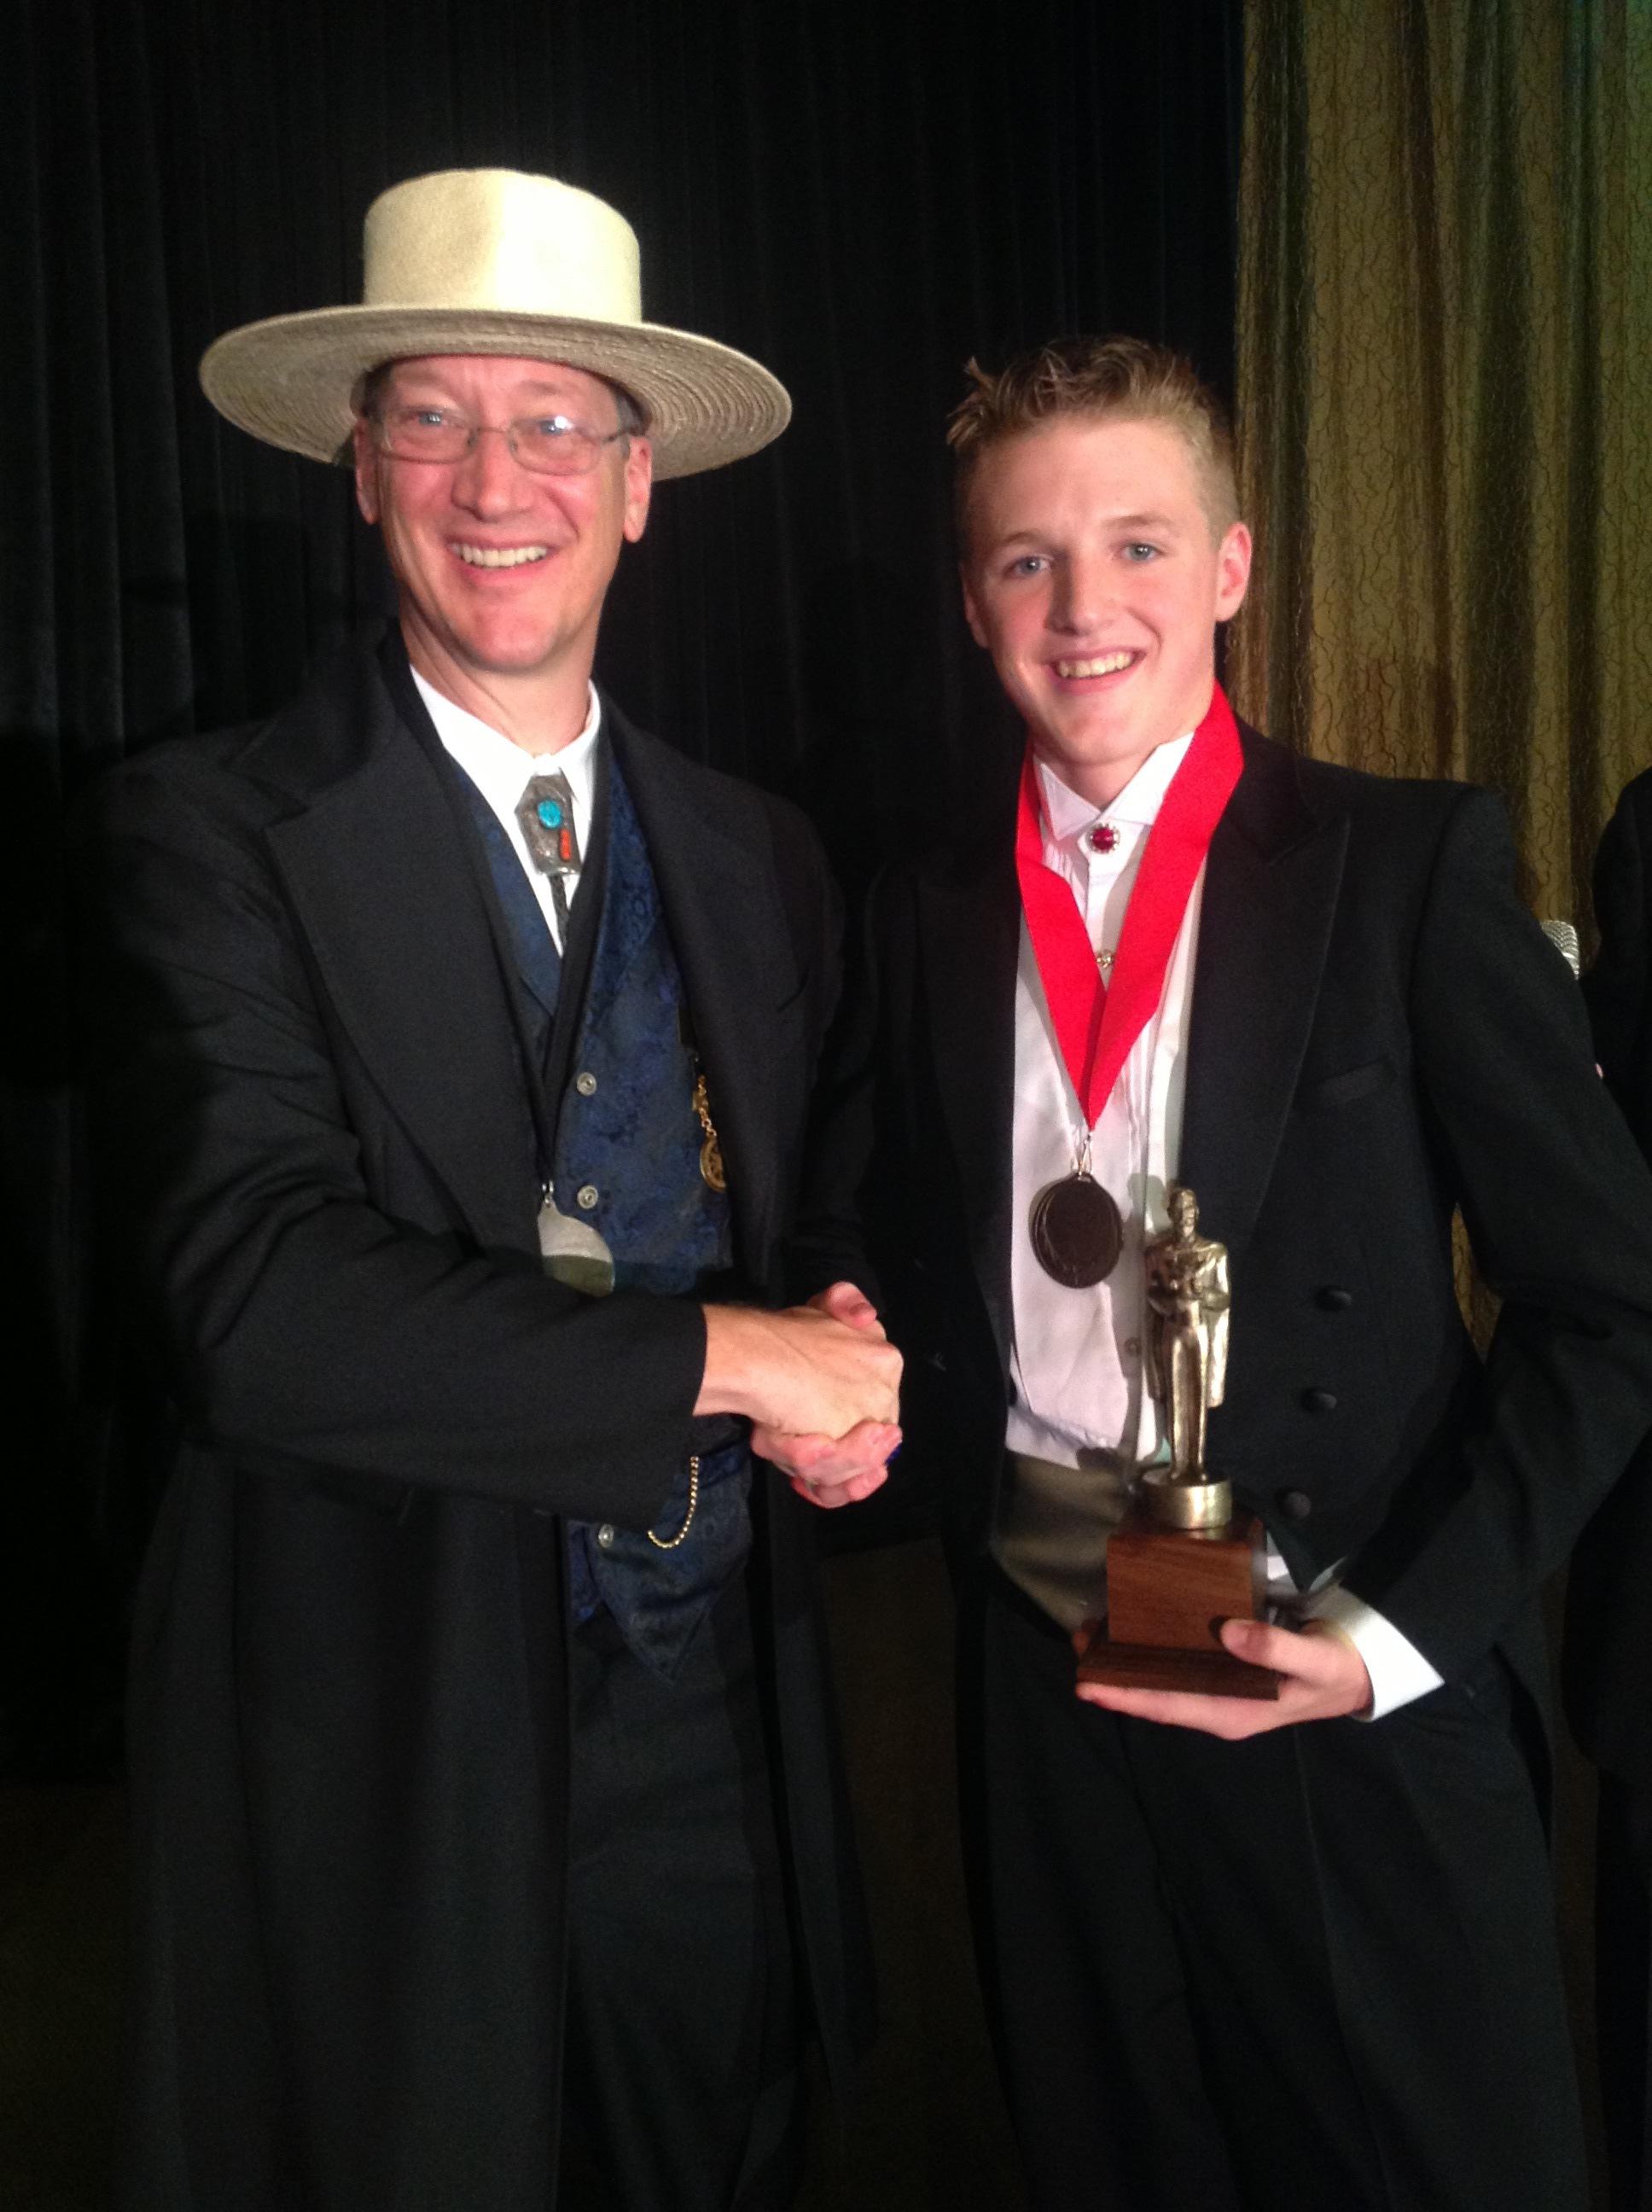 TAOM 2014 Prez Bill Irwin with Chase Hasty